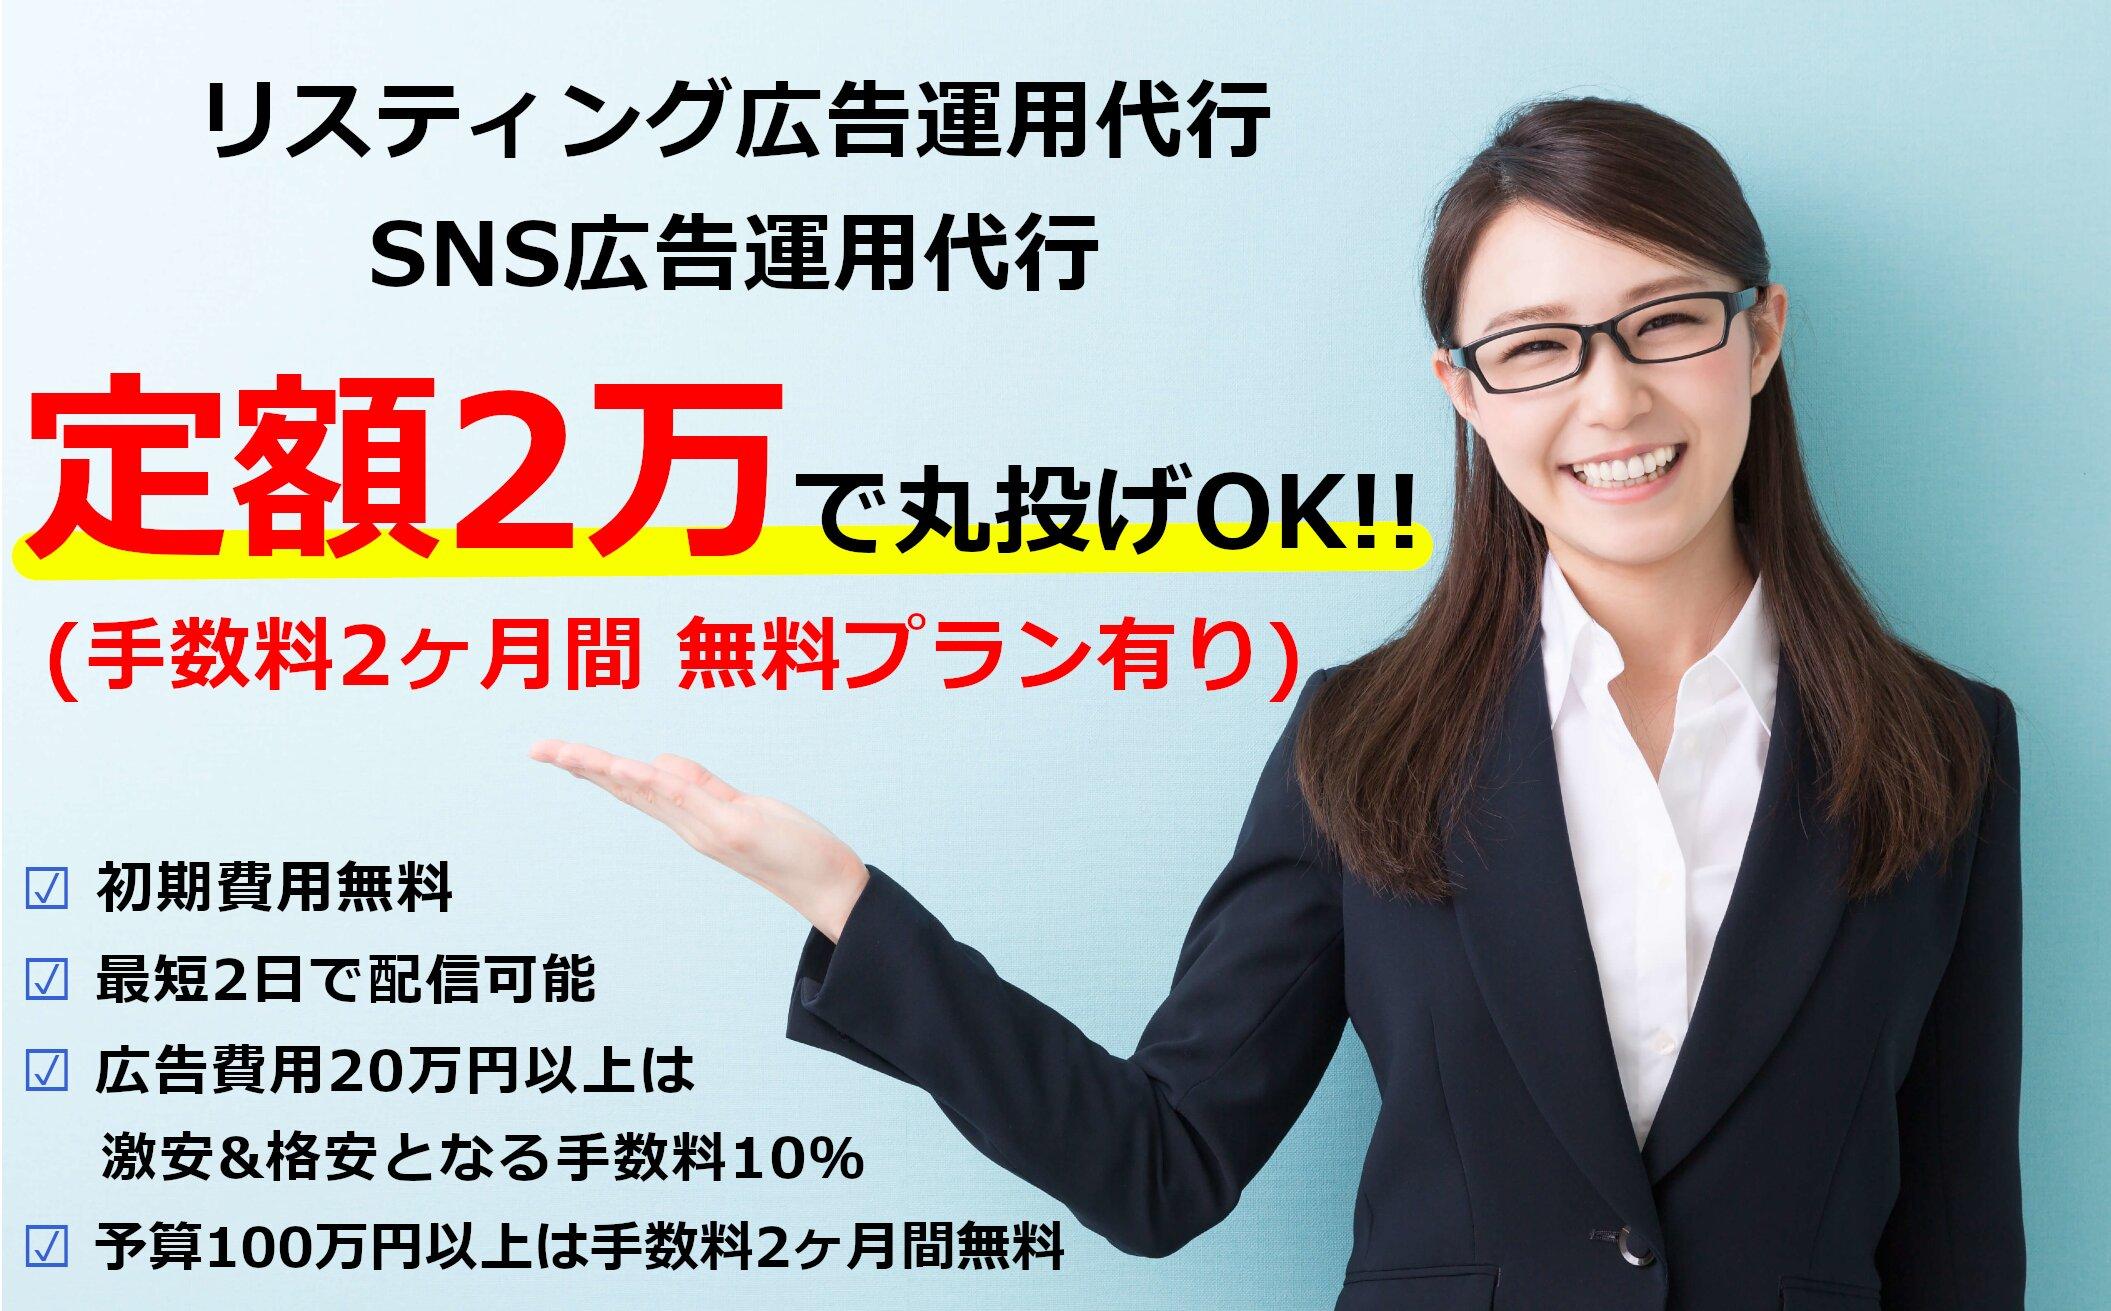 【激安&格安】定額2万円のリスティング広告運用代行・SNS広告運用代行